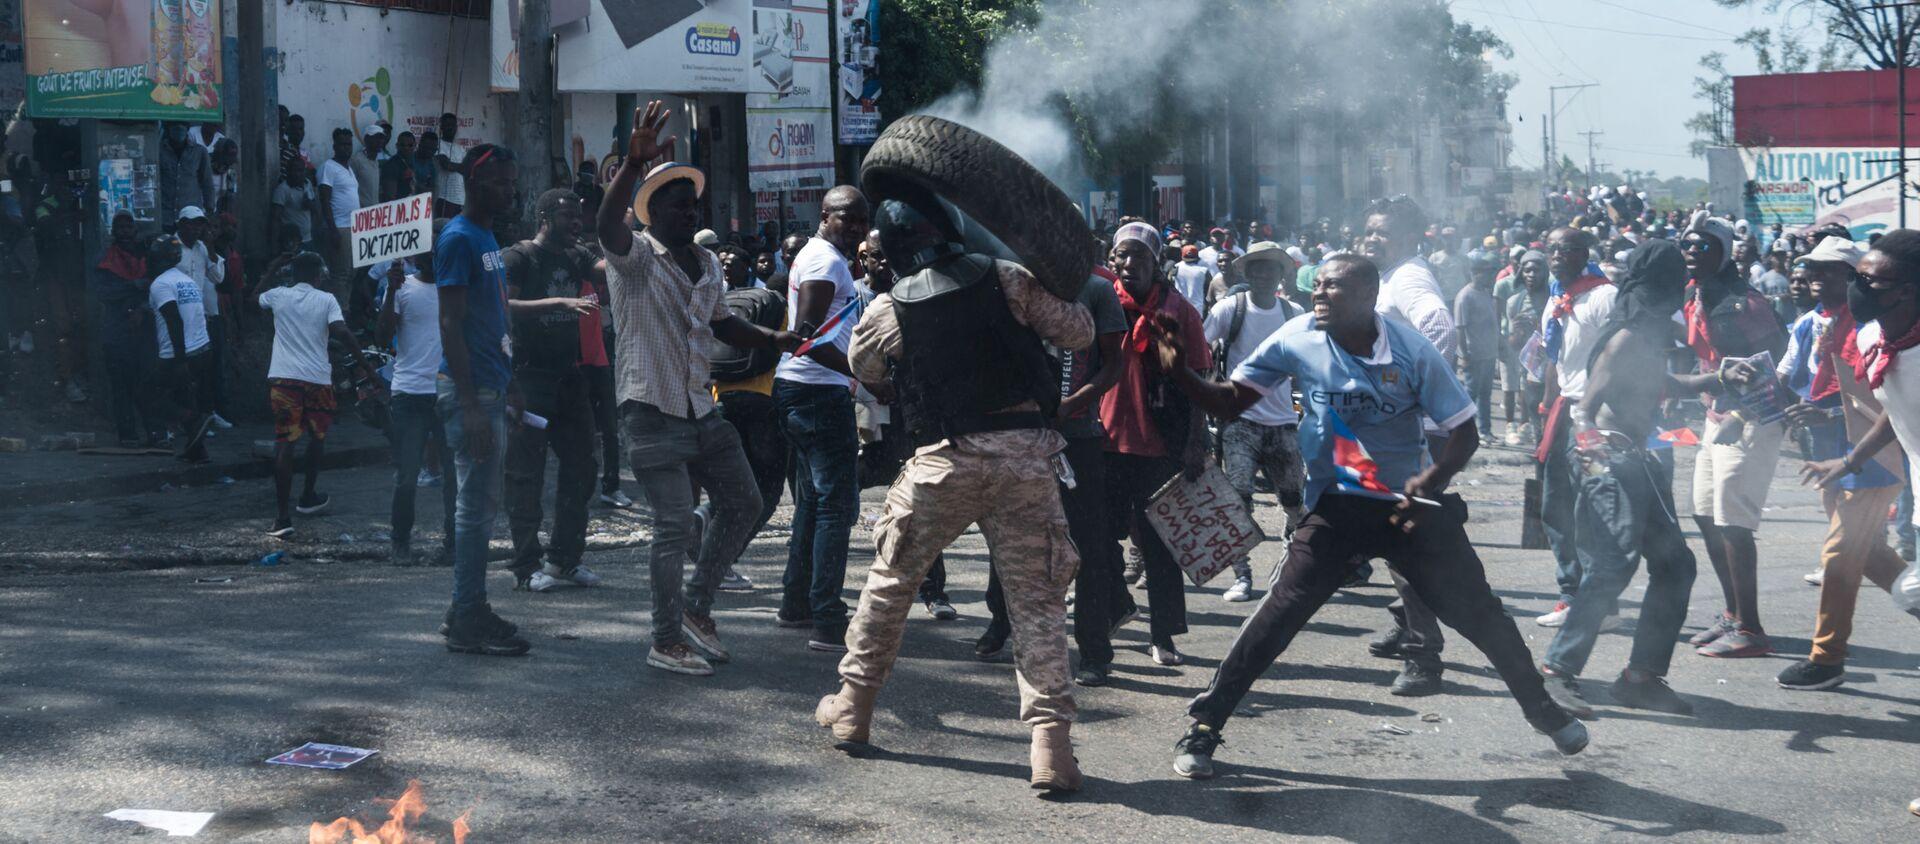 Manifestations en Haïti contre la prolongation du mandat de Jovenel Moïse, le 14 février 2021. - Sputnik France, 1920, 16.02.2021